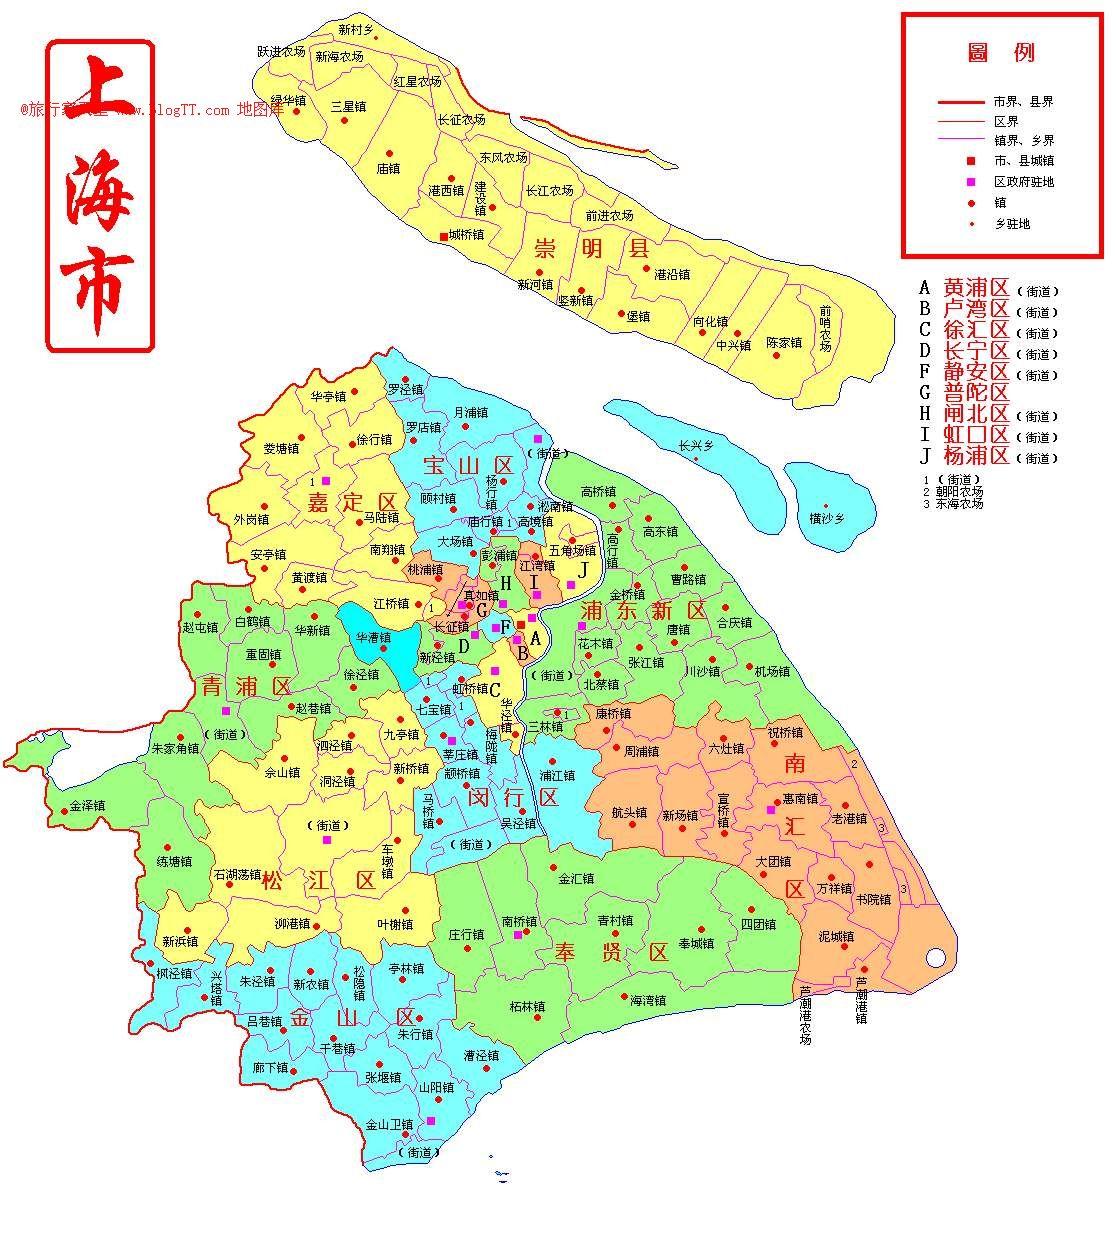 上海市浦东区_想知道: 上海市 上海有几个区 在哪_百度知道